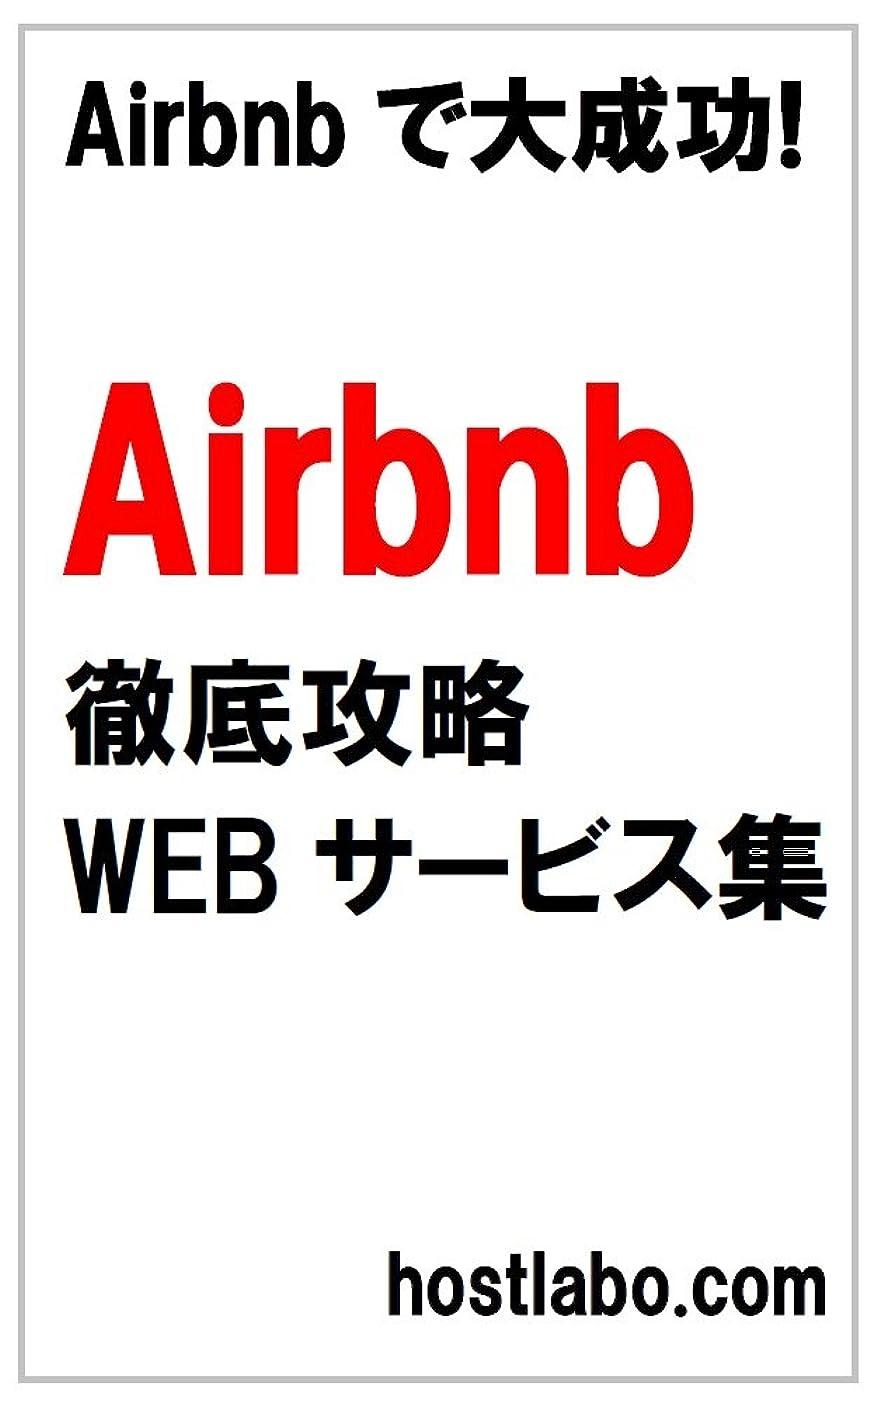 引用備品スカープAirbnb 徹底攻略 WEBサービス集: Airbnbで大成功!